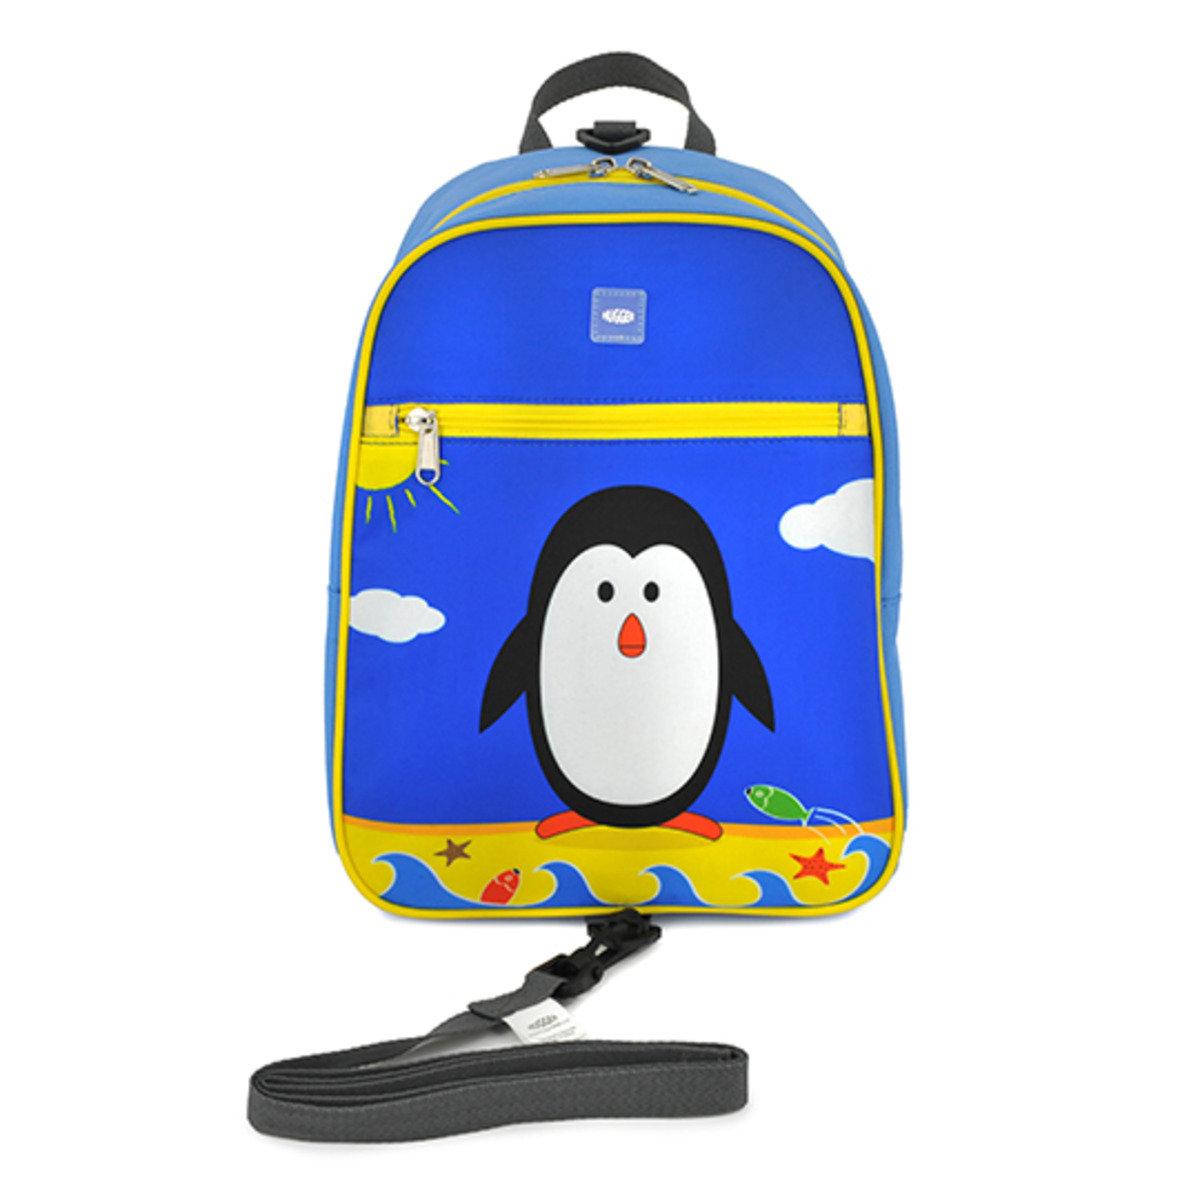 天才小博士 - 南极小企鹅